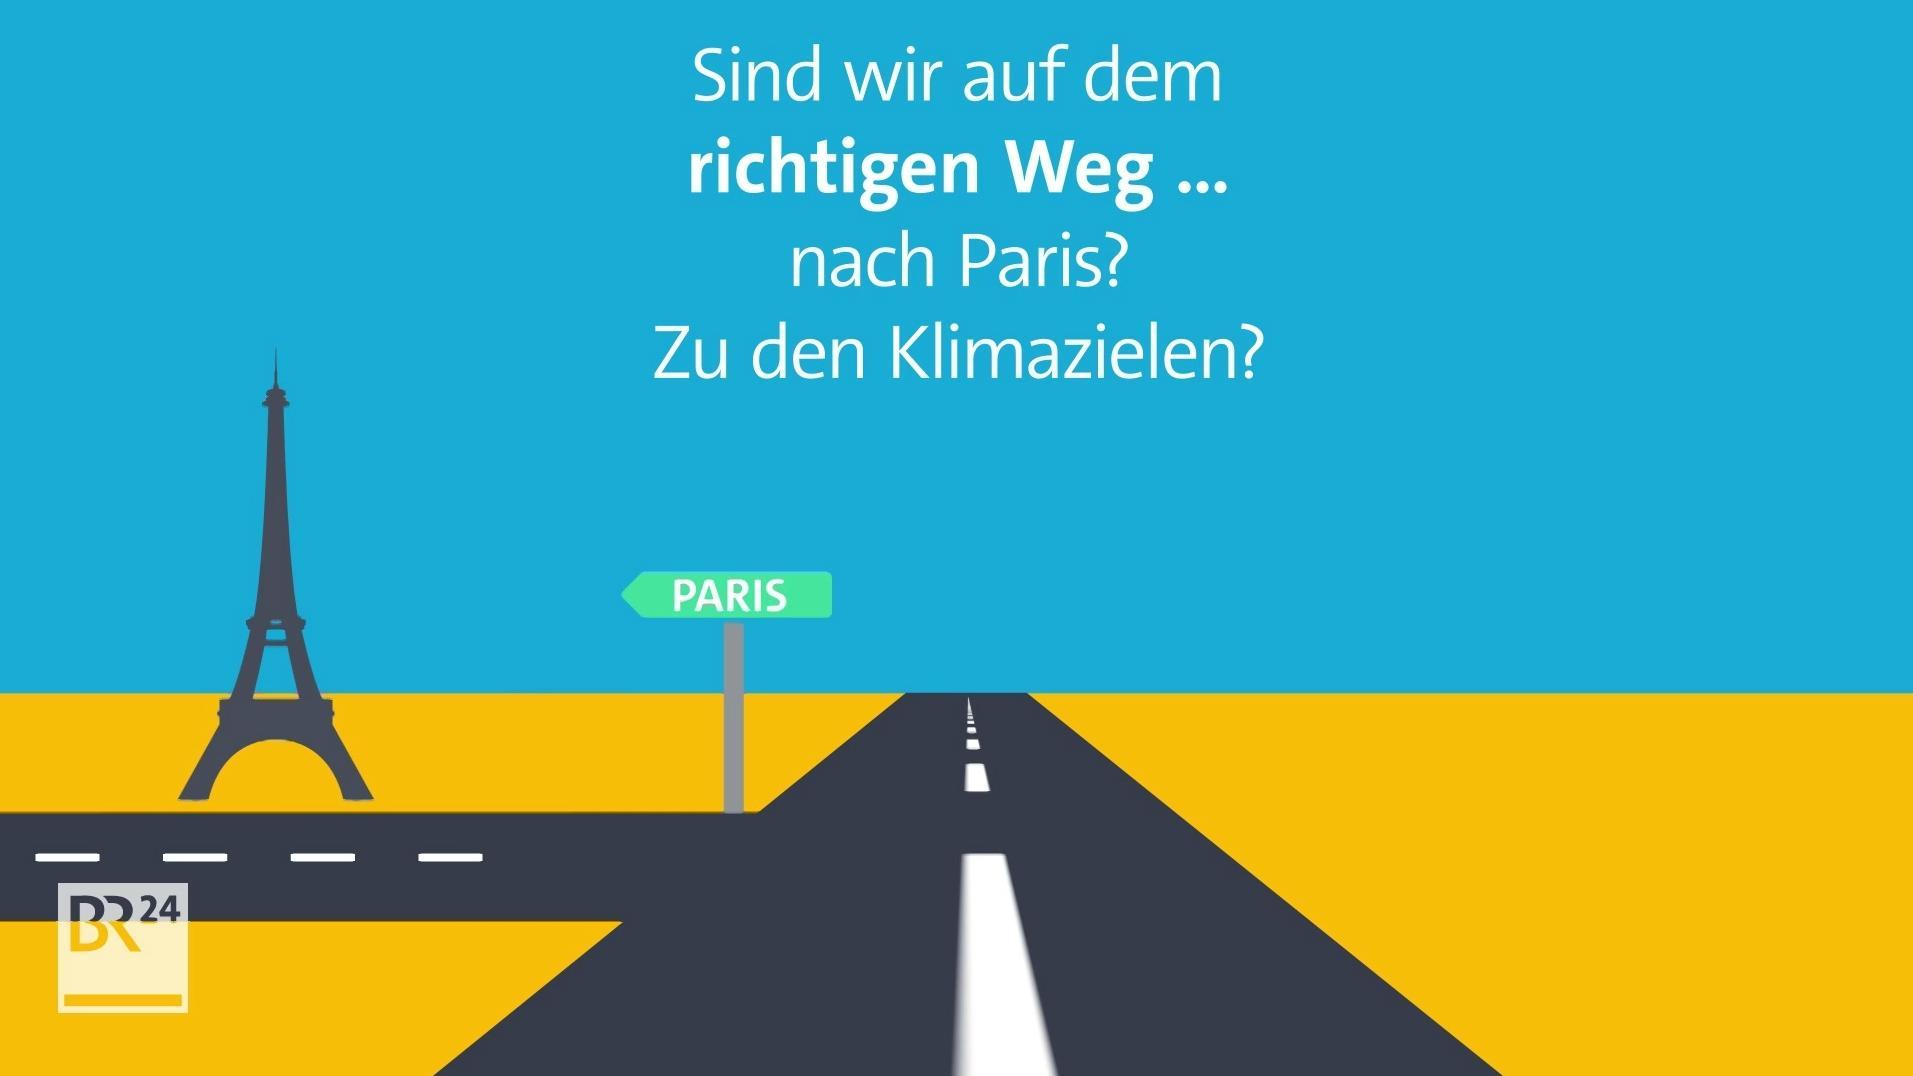 Sind wir auf dem richtigen Weg nach Paris?